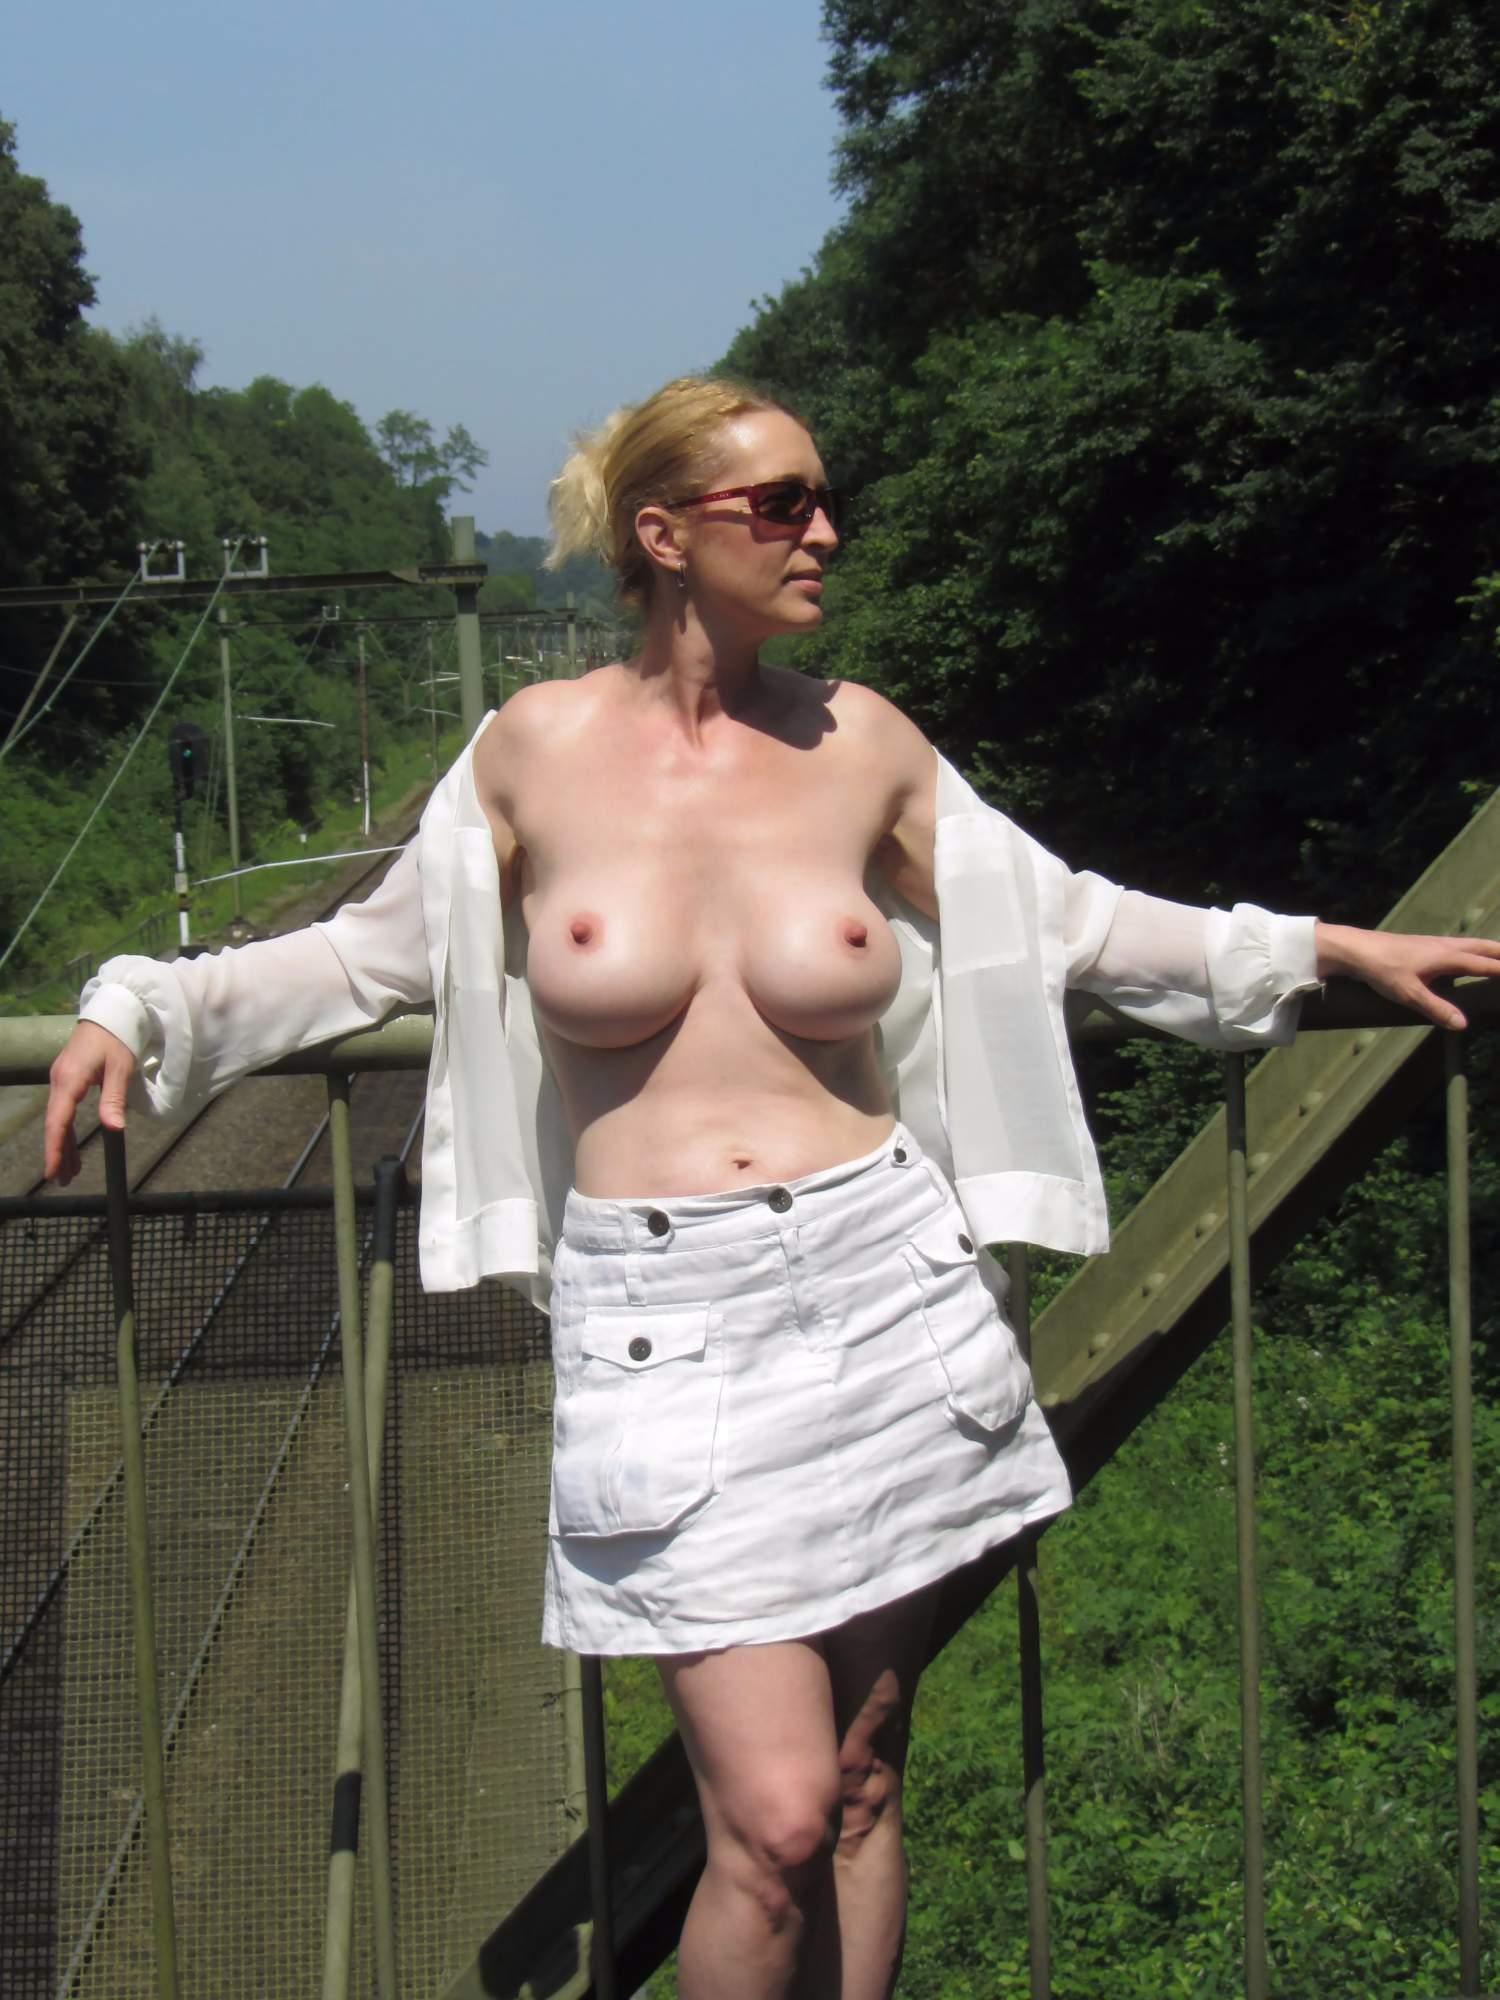 http://img24.rajce.idnes.cz/d2402/13/13133/13133717_9c6391c5702f90347cd7f2ea12218ba5/images/77.jpg